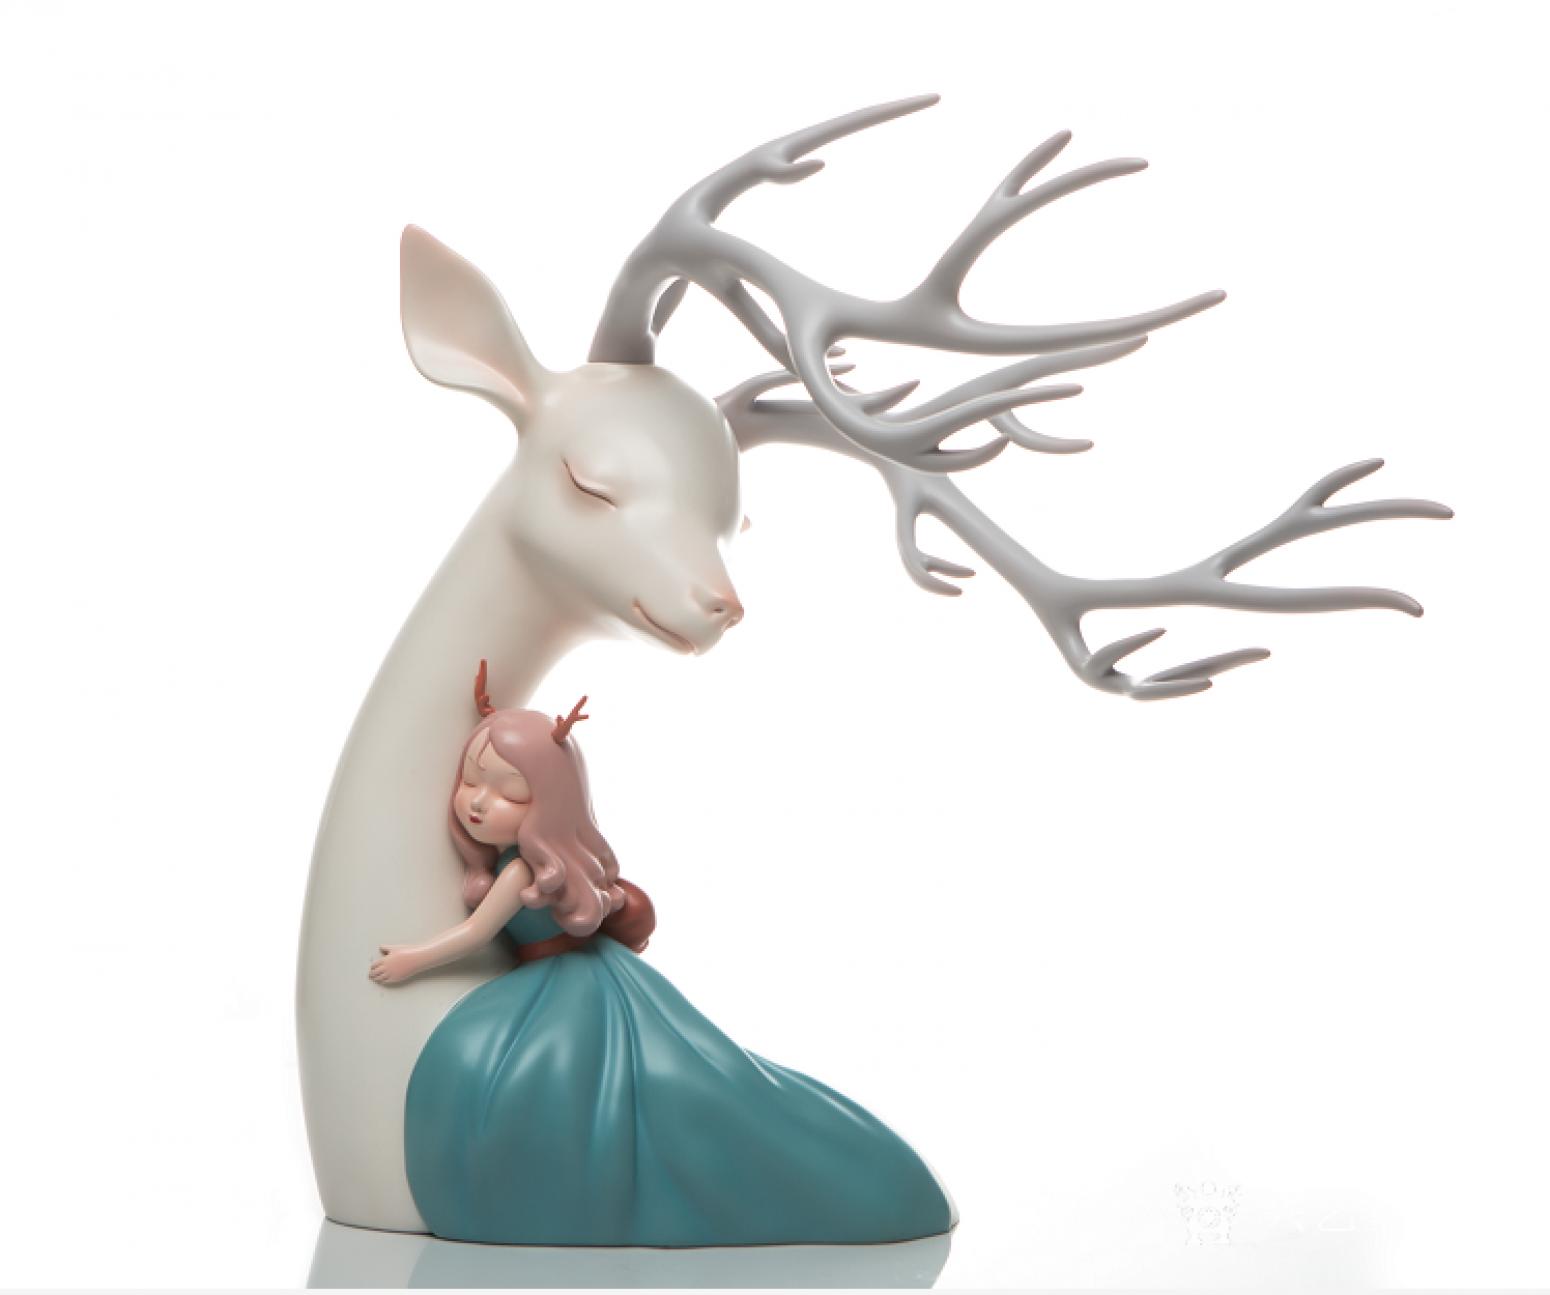 海蓝文玩杂项作品《爱情鹿》